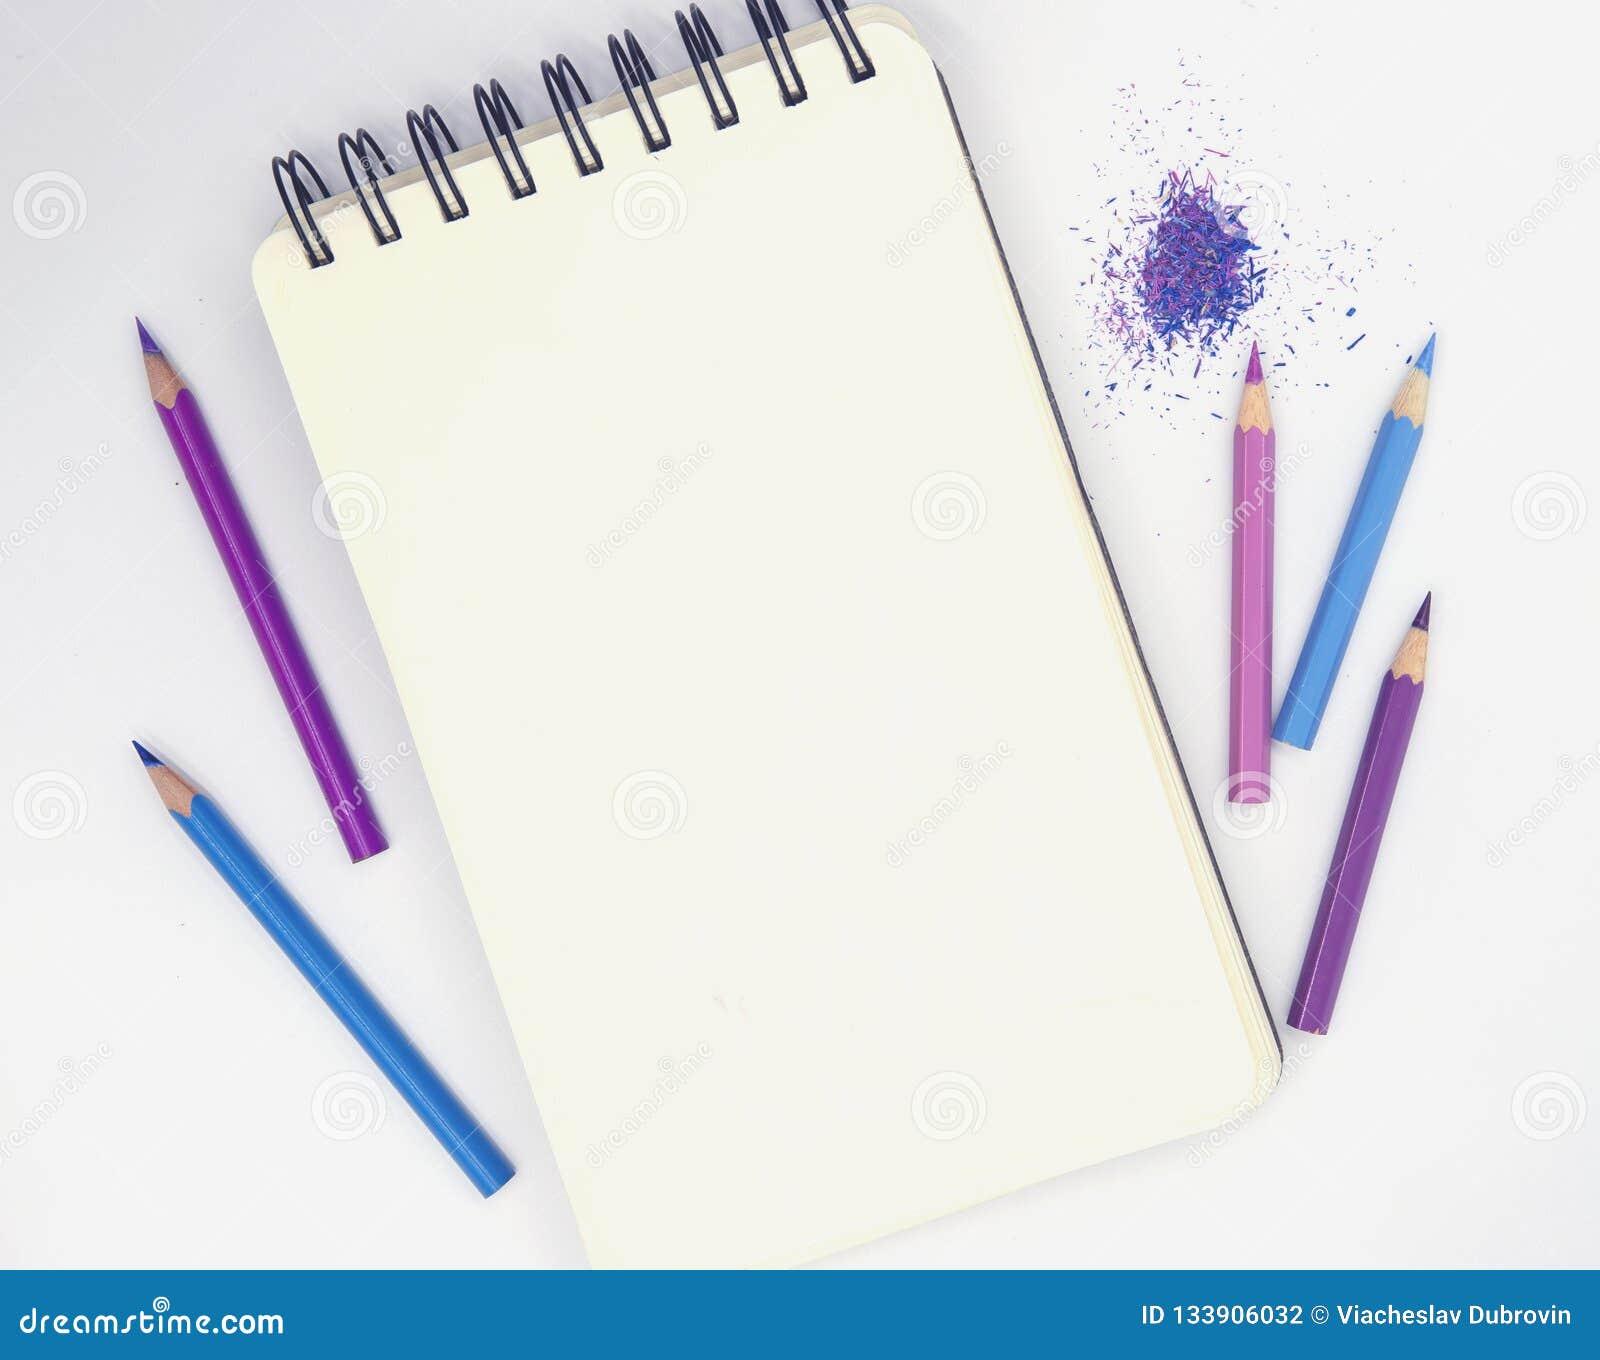 垂直的写生簿和桃红色紫罗兰色铅笔在白色背景 艺术性的台式视图照片